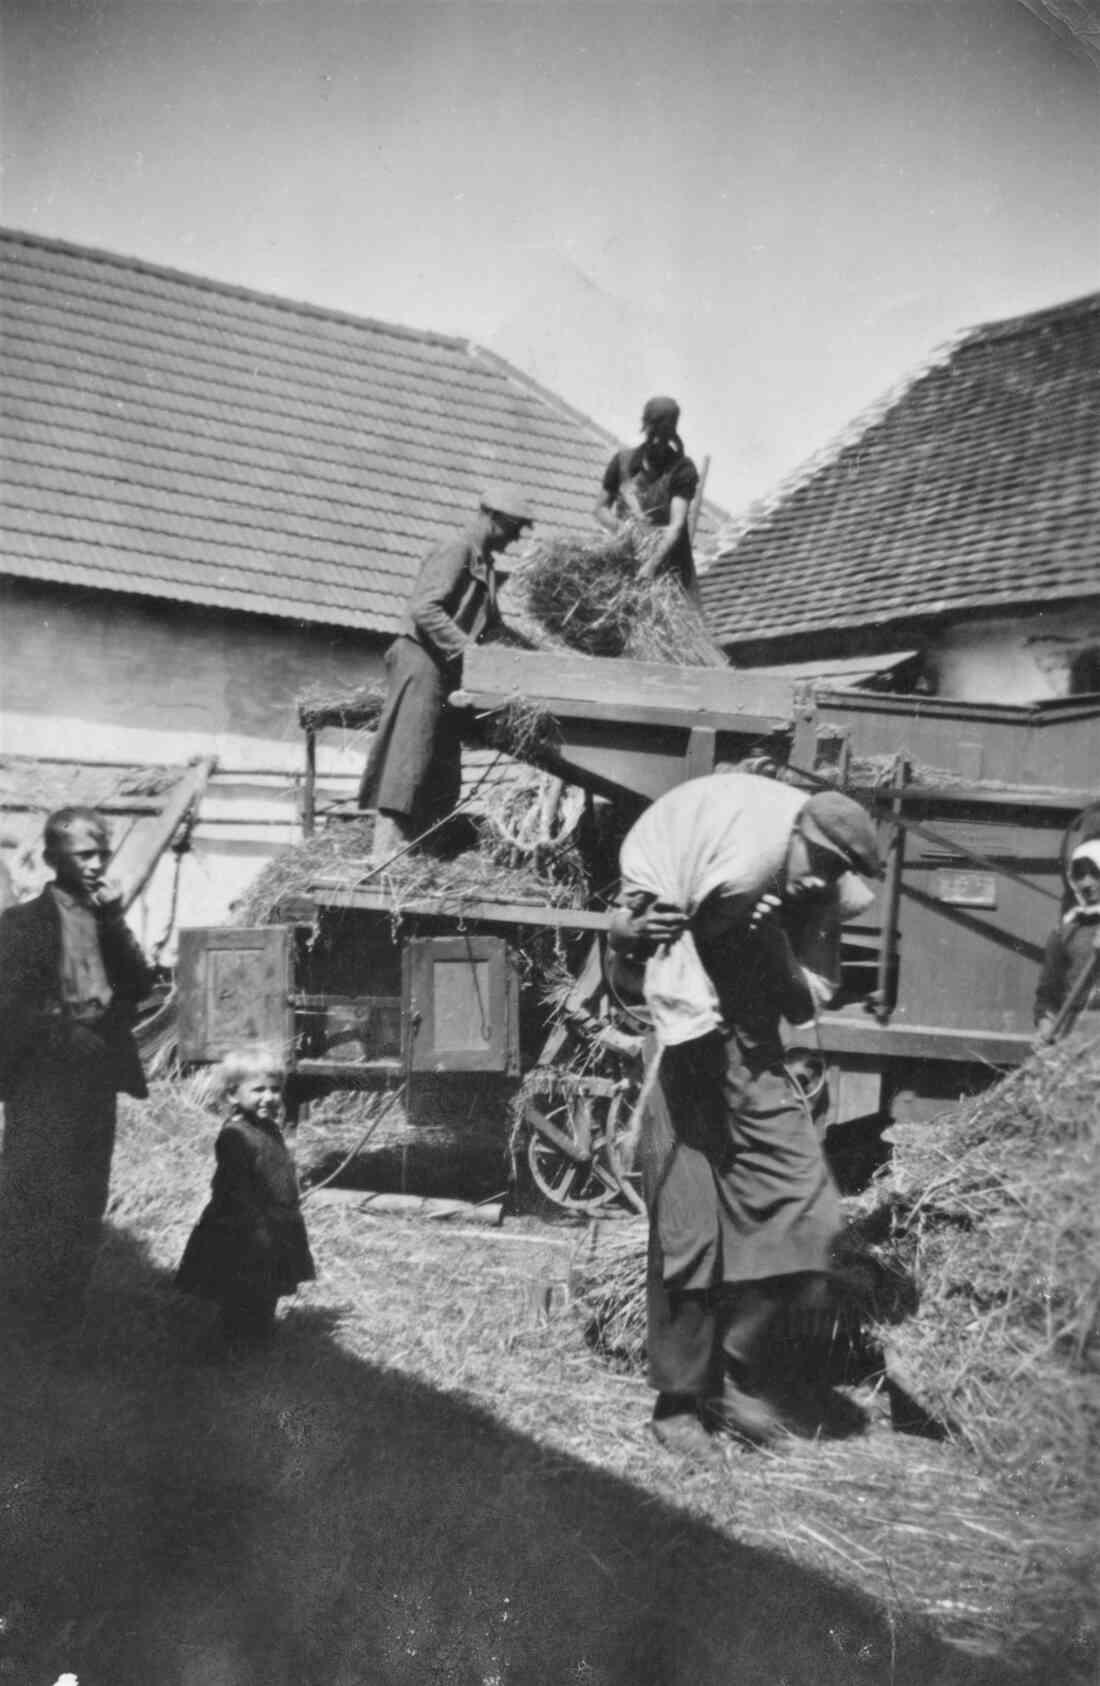 Drescharbeiten bei Fam. Gangoly (Grazerstraße 41b)